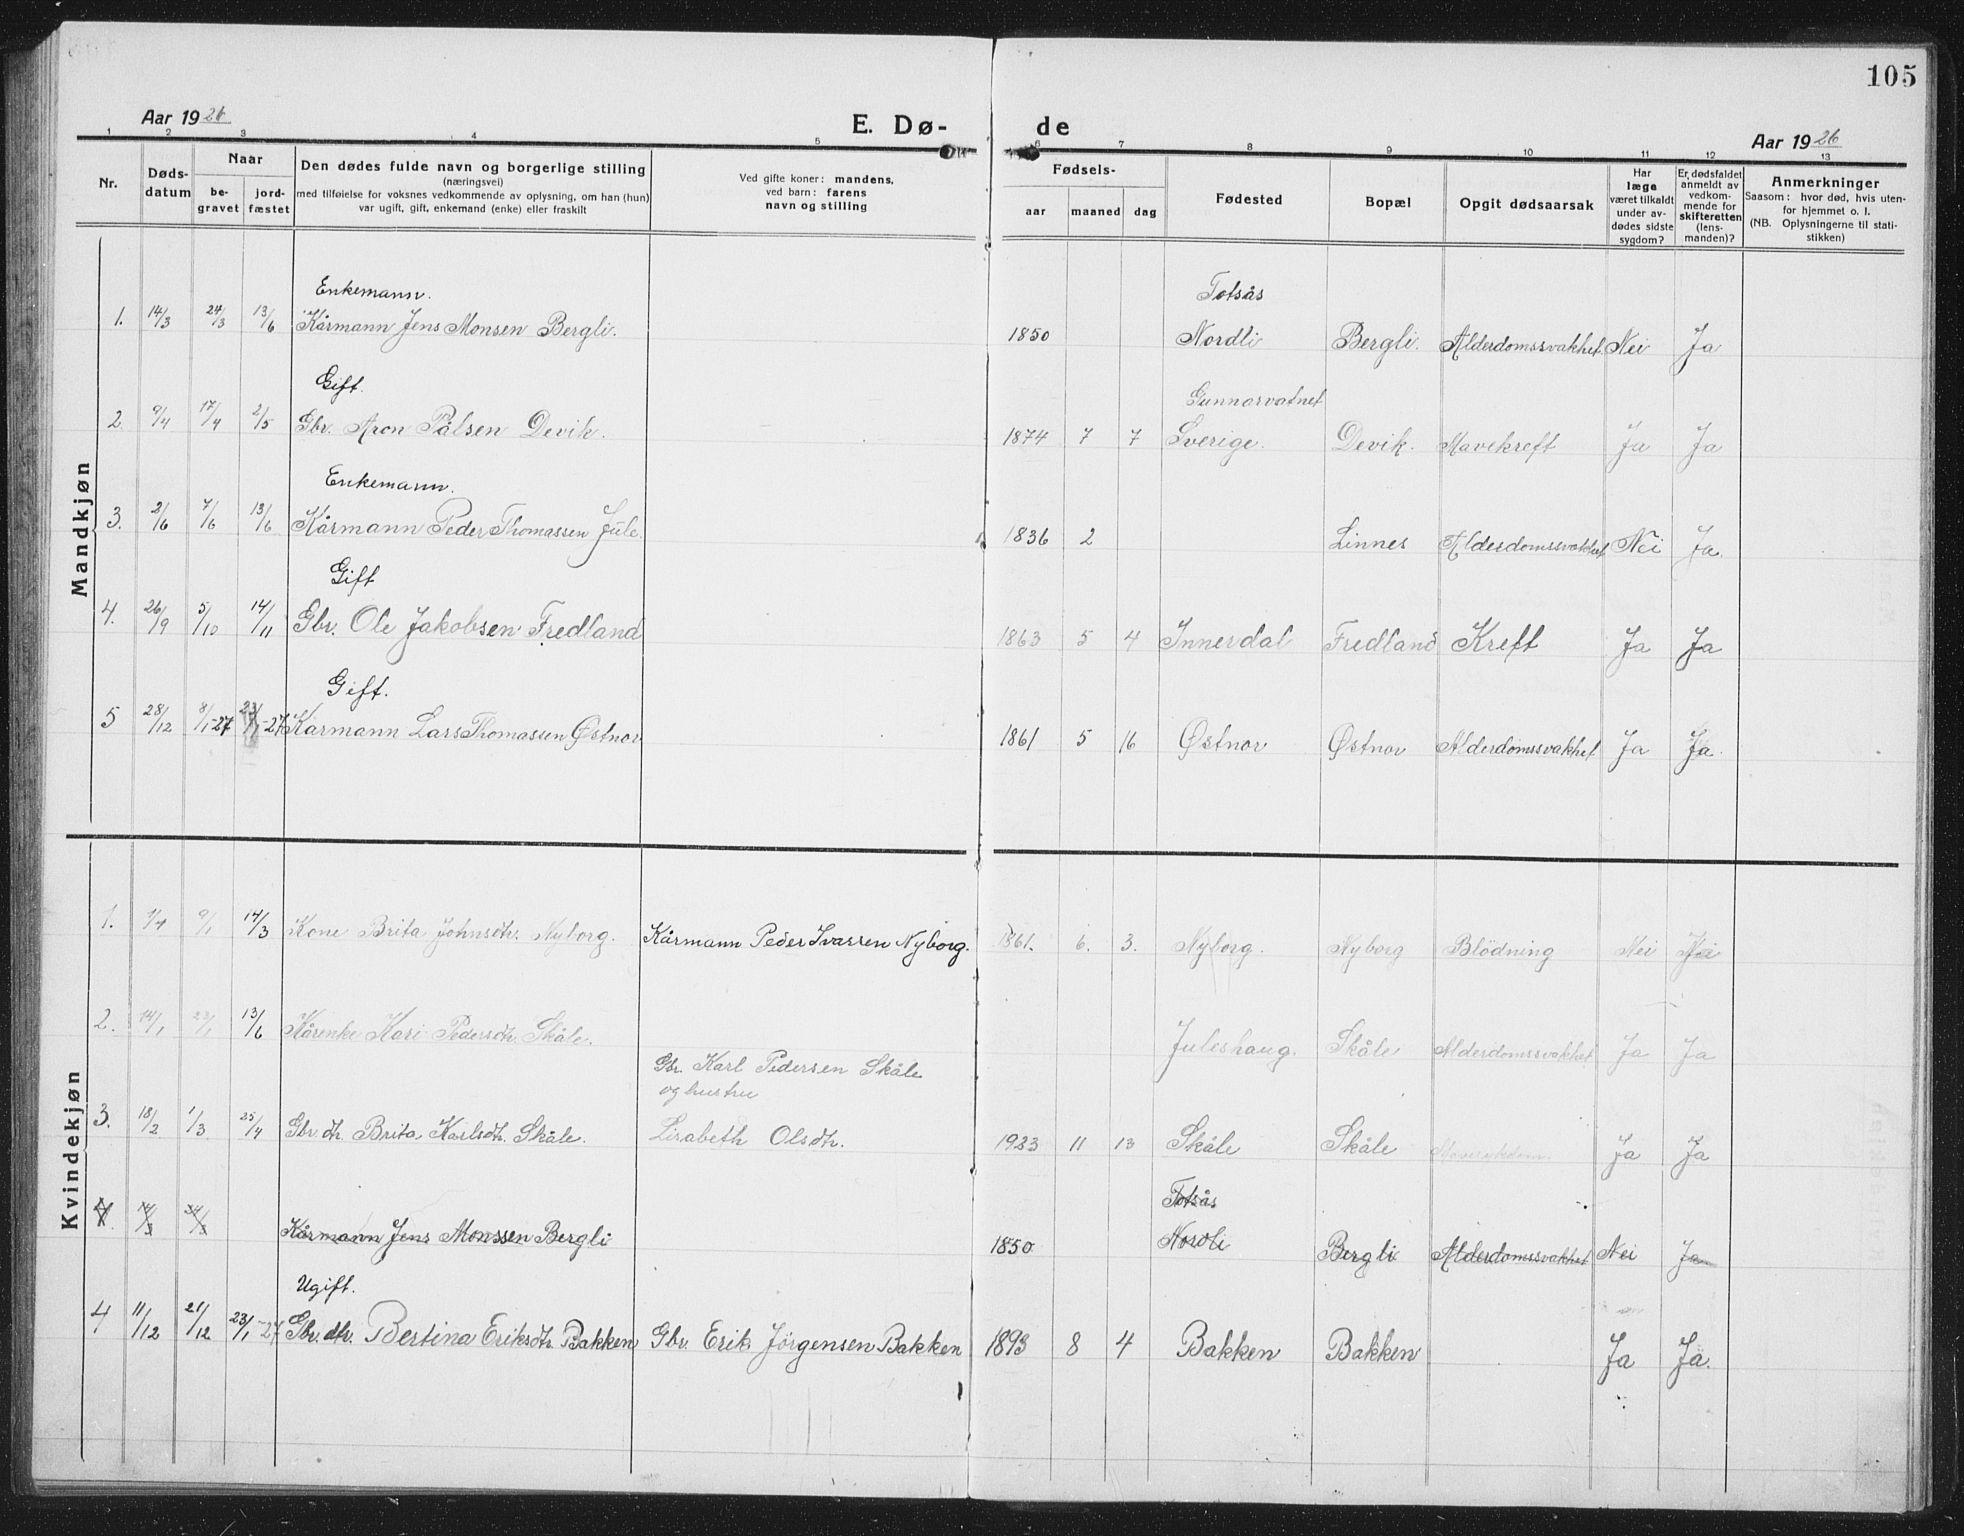 SAT, Ministerialprotokoller, klokkerbøker og fødselsregistre - Nord-Trøndelag, 757/L0507: Klokkerbok nr. 757C02, 1923-1939, s. 105